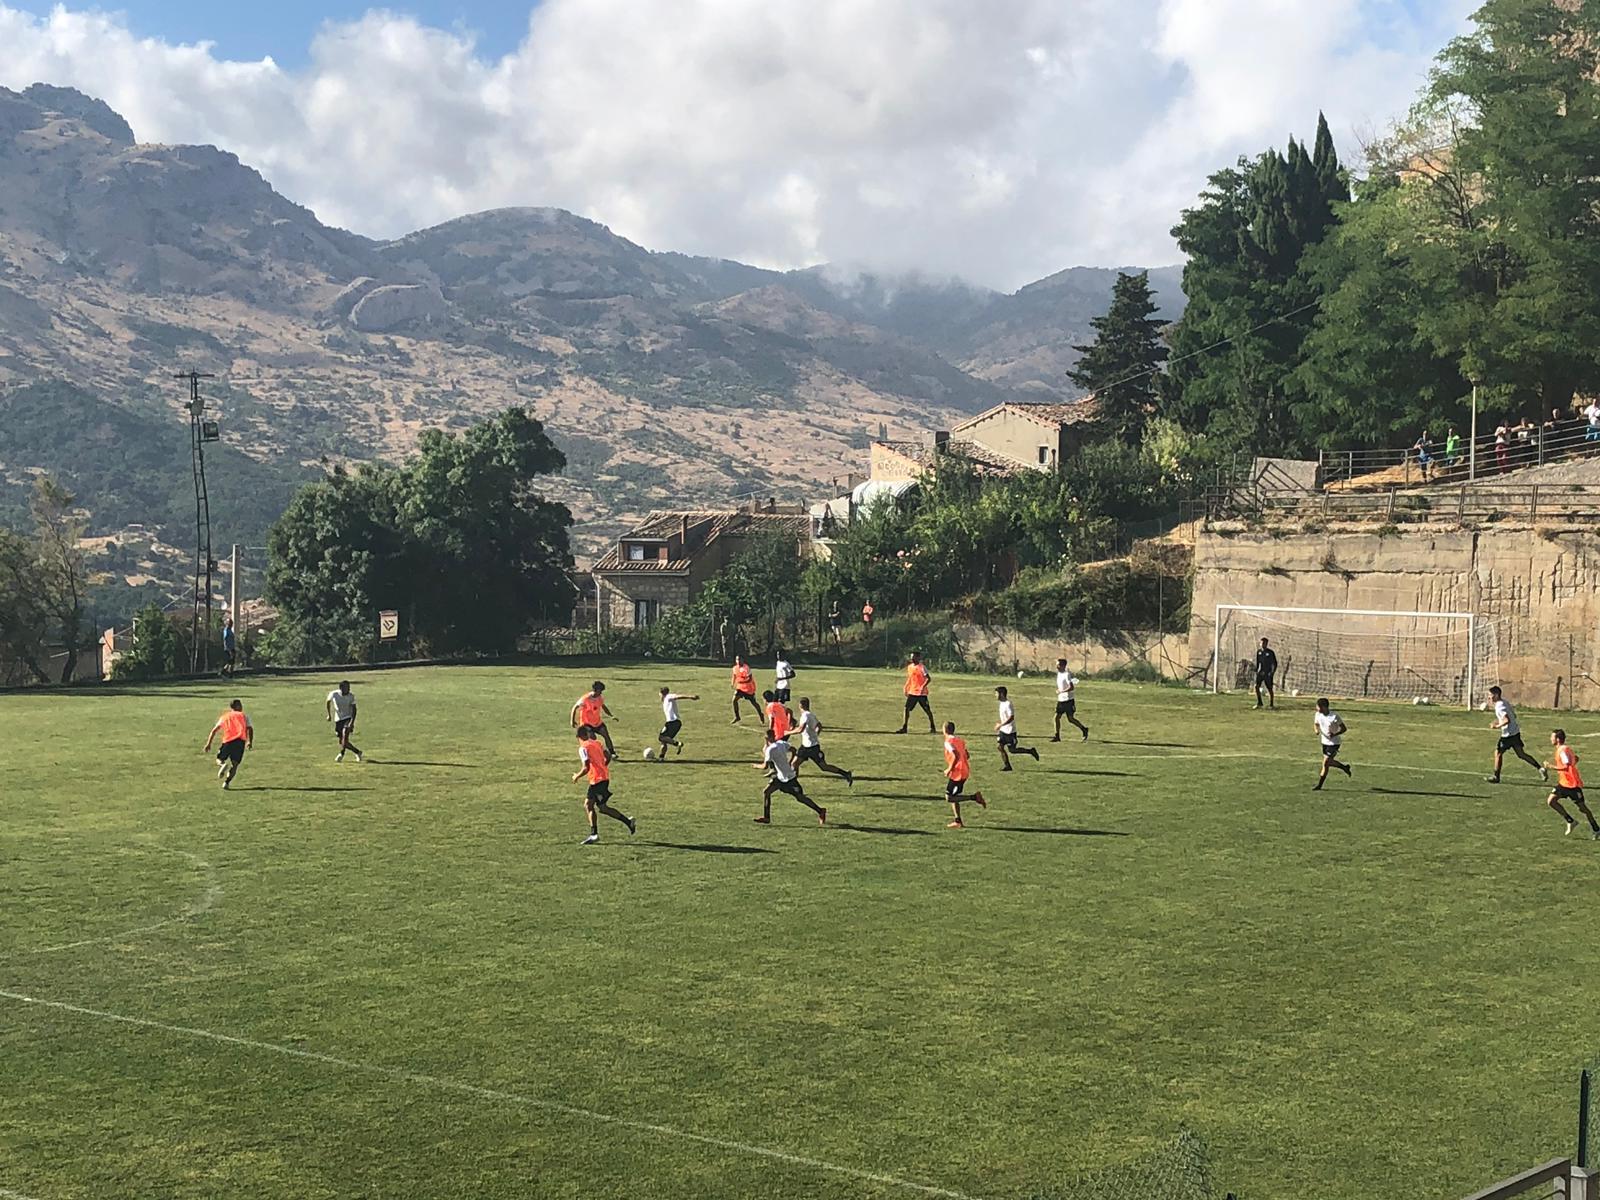 Giornata d'allenamenti intensi per il Palermo. La mattina gli uomini di Pergolizzi si sono dedicati alla tattica, con movimenti difensivi e offensivi. Il modulo è quello annunciato dal tecnico, il 4-3-1-2. Nel pomeriggio, invece, spazio alla partitella 10 contro 10, finita 3 – 1 per gli arancioni, guidati da Giovanni Ricciardo, autore di due gol. Bene anche Martinelli che segna la rete del 2 – 1. Per i bianchi, invece, il gol è firmato da Marong, ma ci sono stati applausi per Santana, autore dell'assist e di un paio di acrobazie che hanno fatto infiammare i circa 50 tifosi rosa